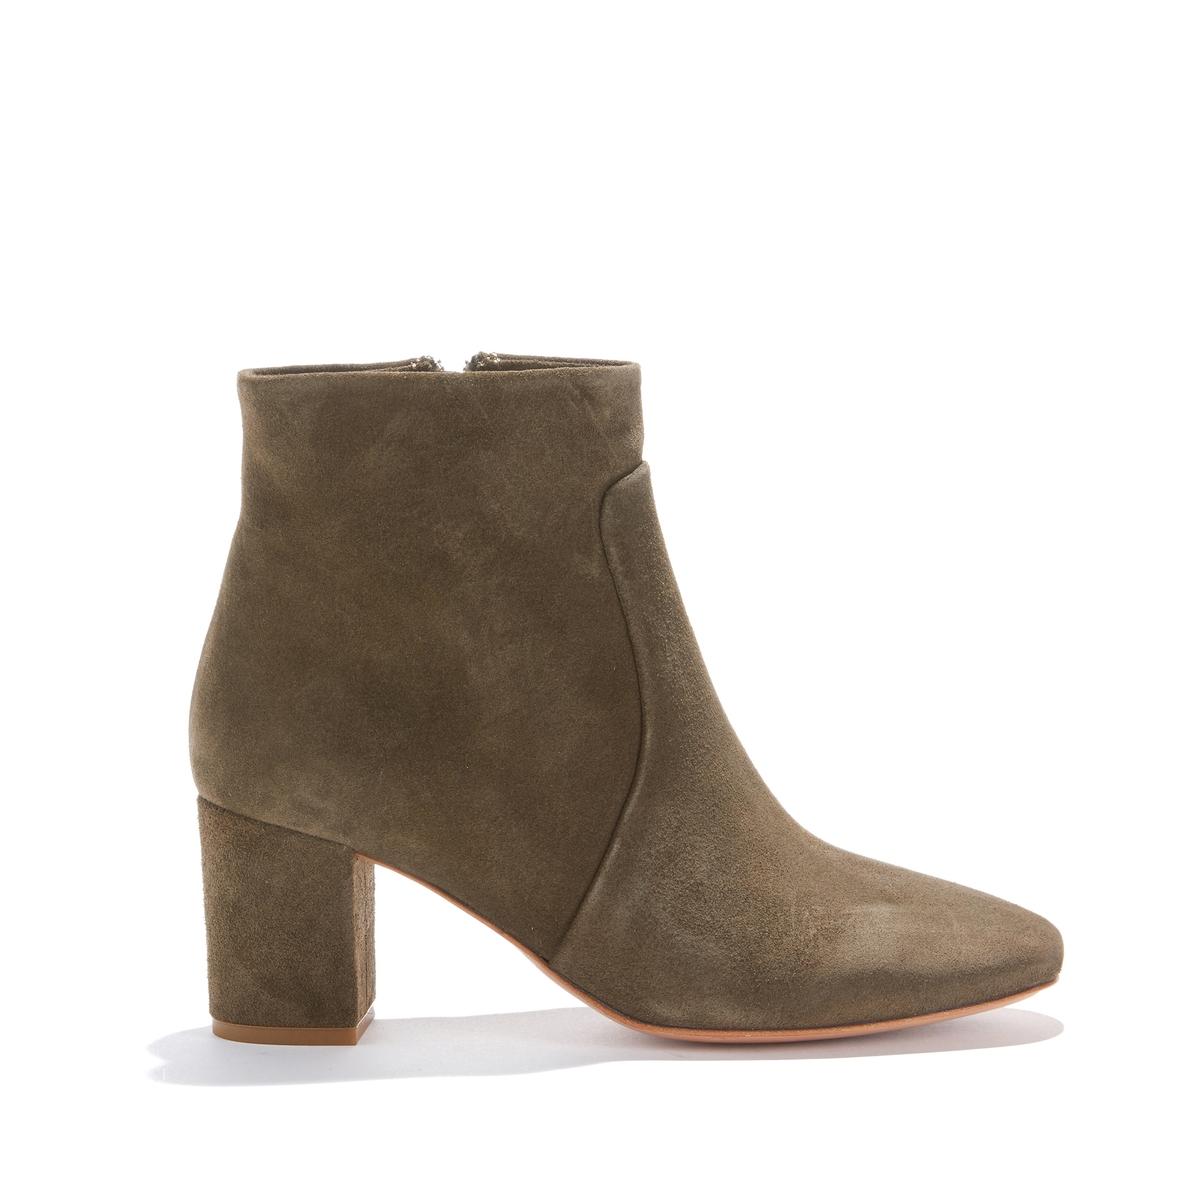 Ботильоны на среднем каблуке PETULIA женская обувь